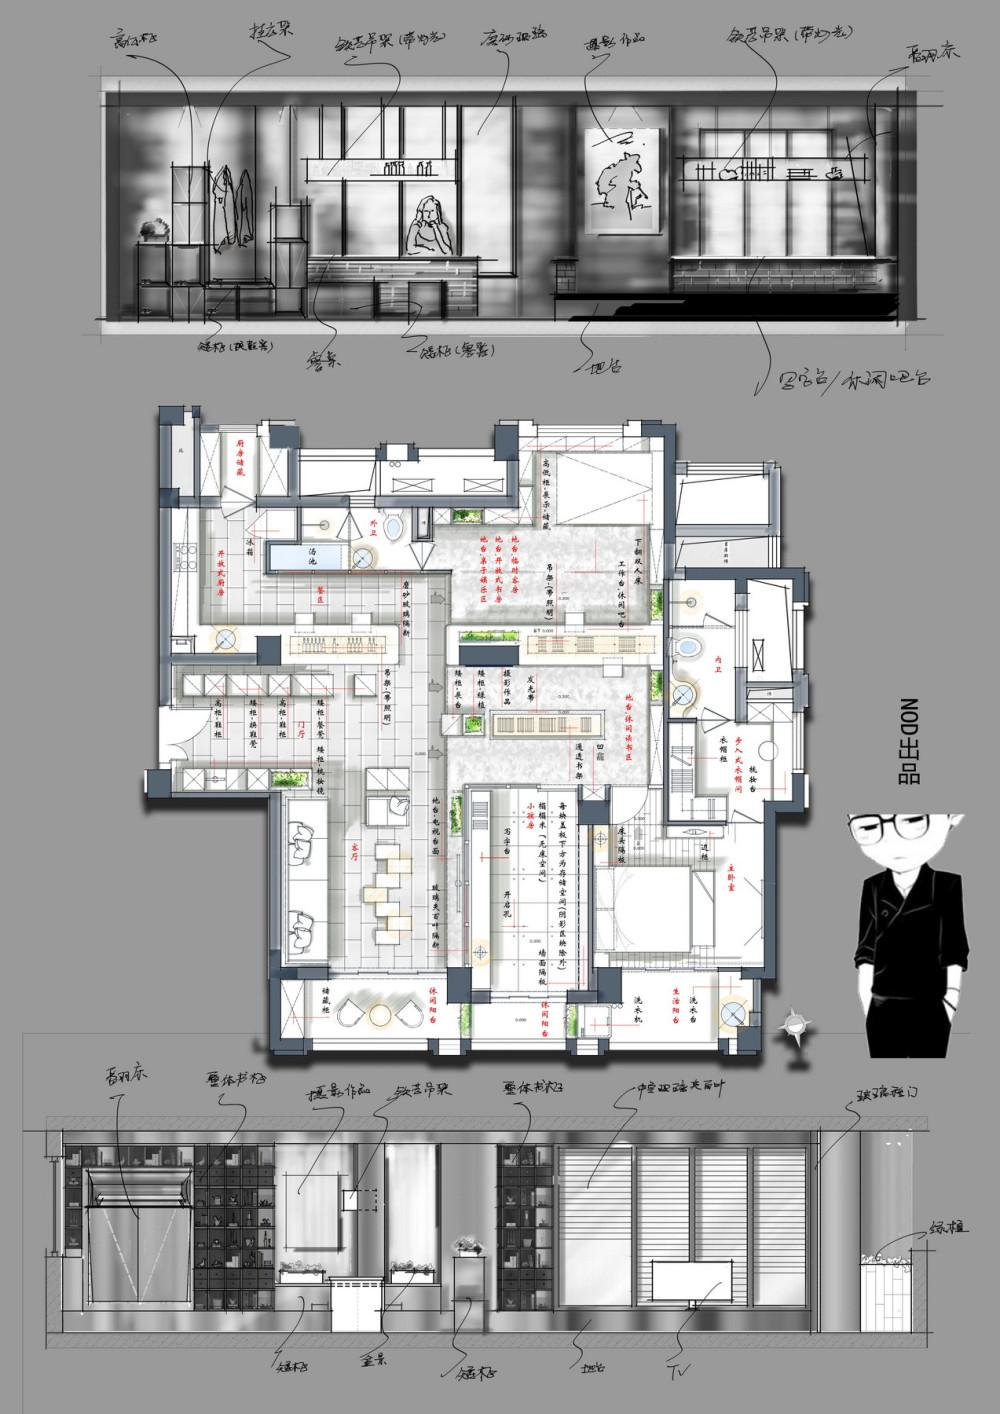 【第15期-住宅平面优化】一个150m²平层16组方案 投票奖励DB_【14】.jpg